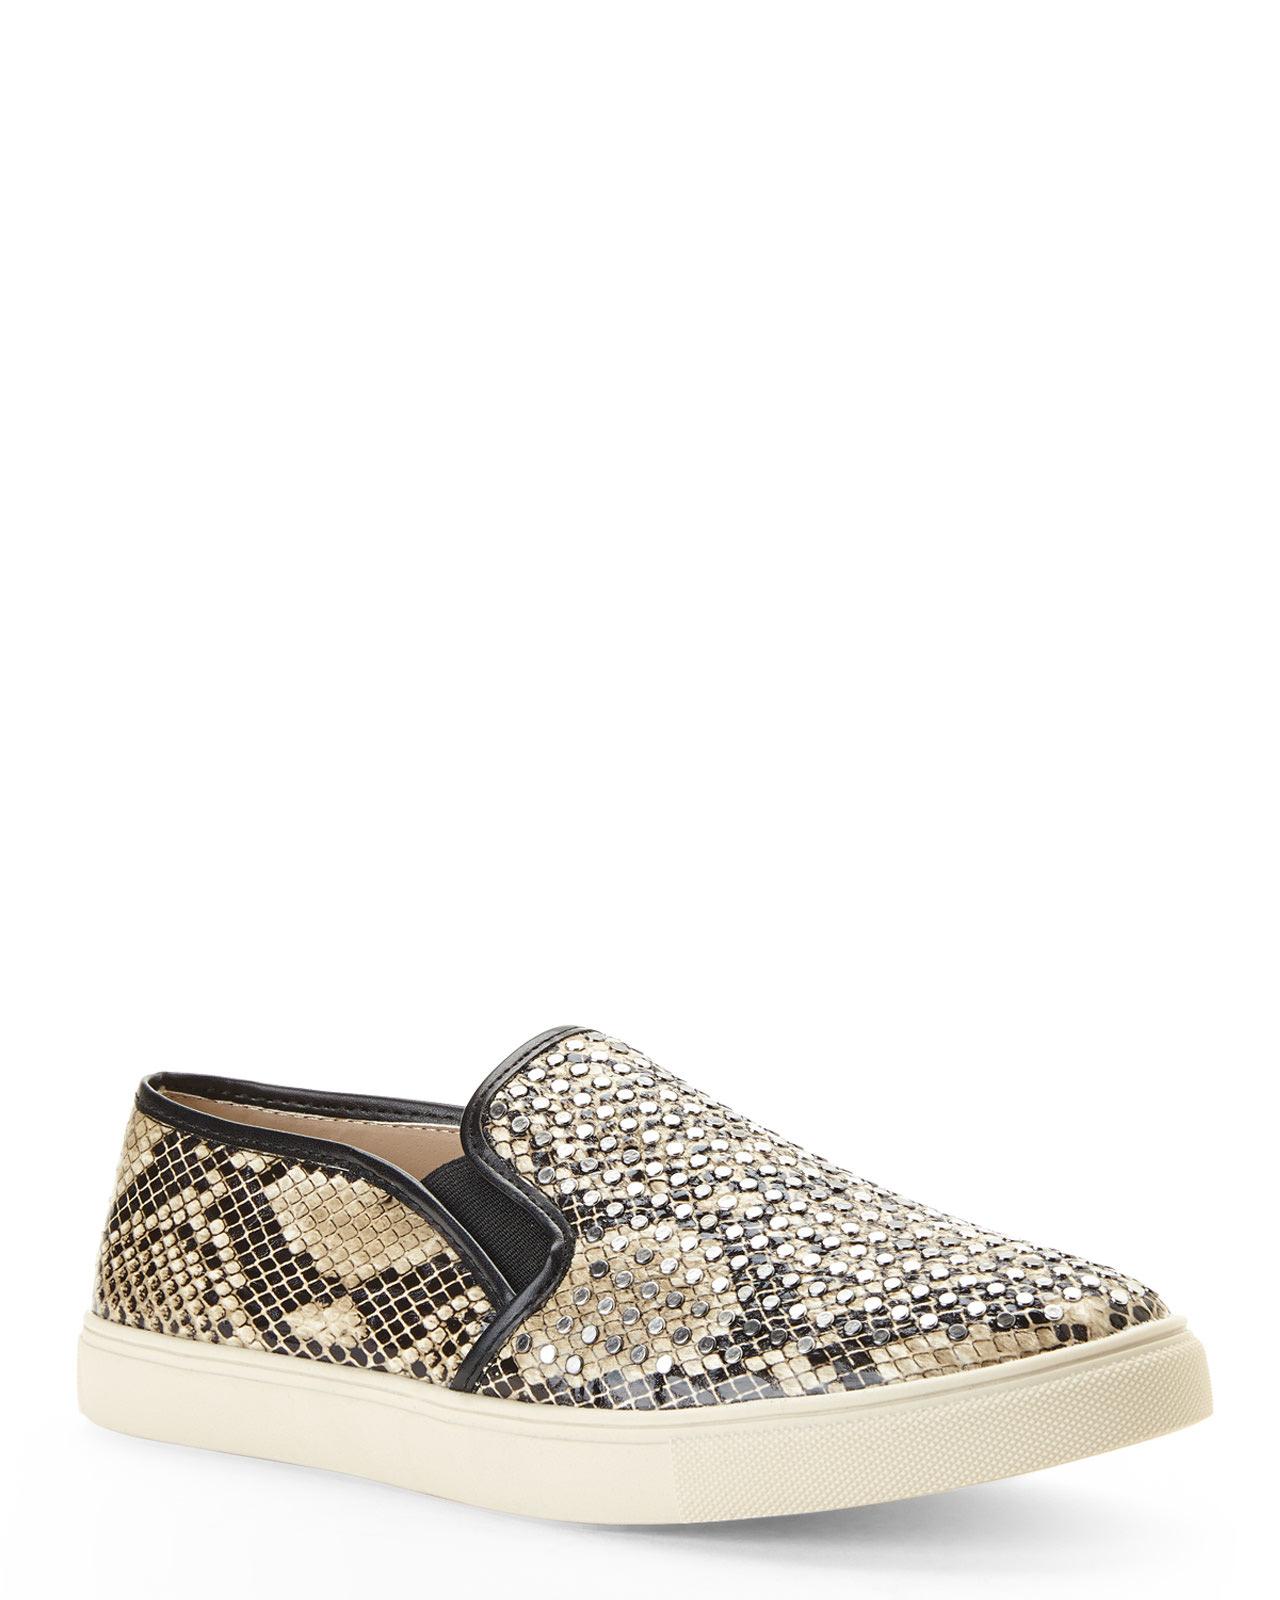 14fdb123122 Steve Madden Natural Snake Print Slip-on Sneakers